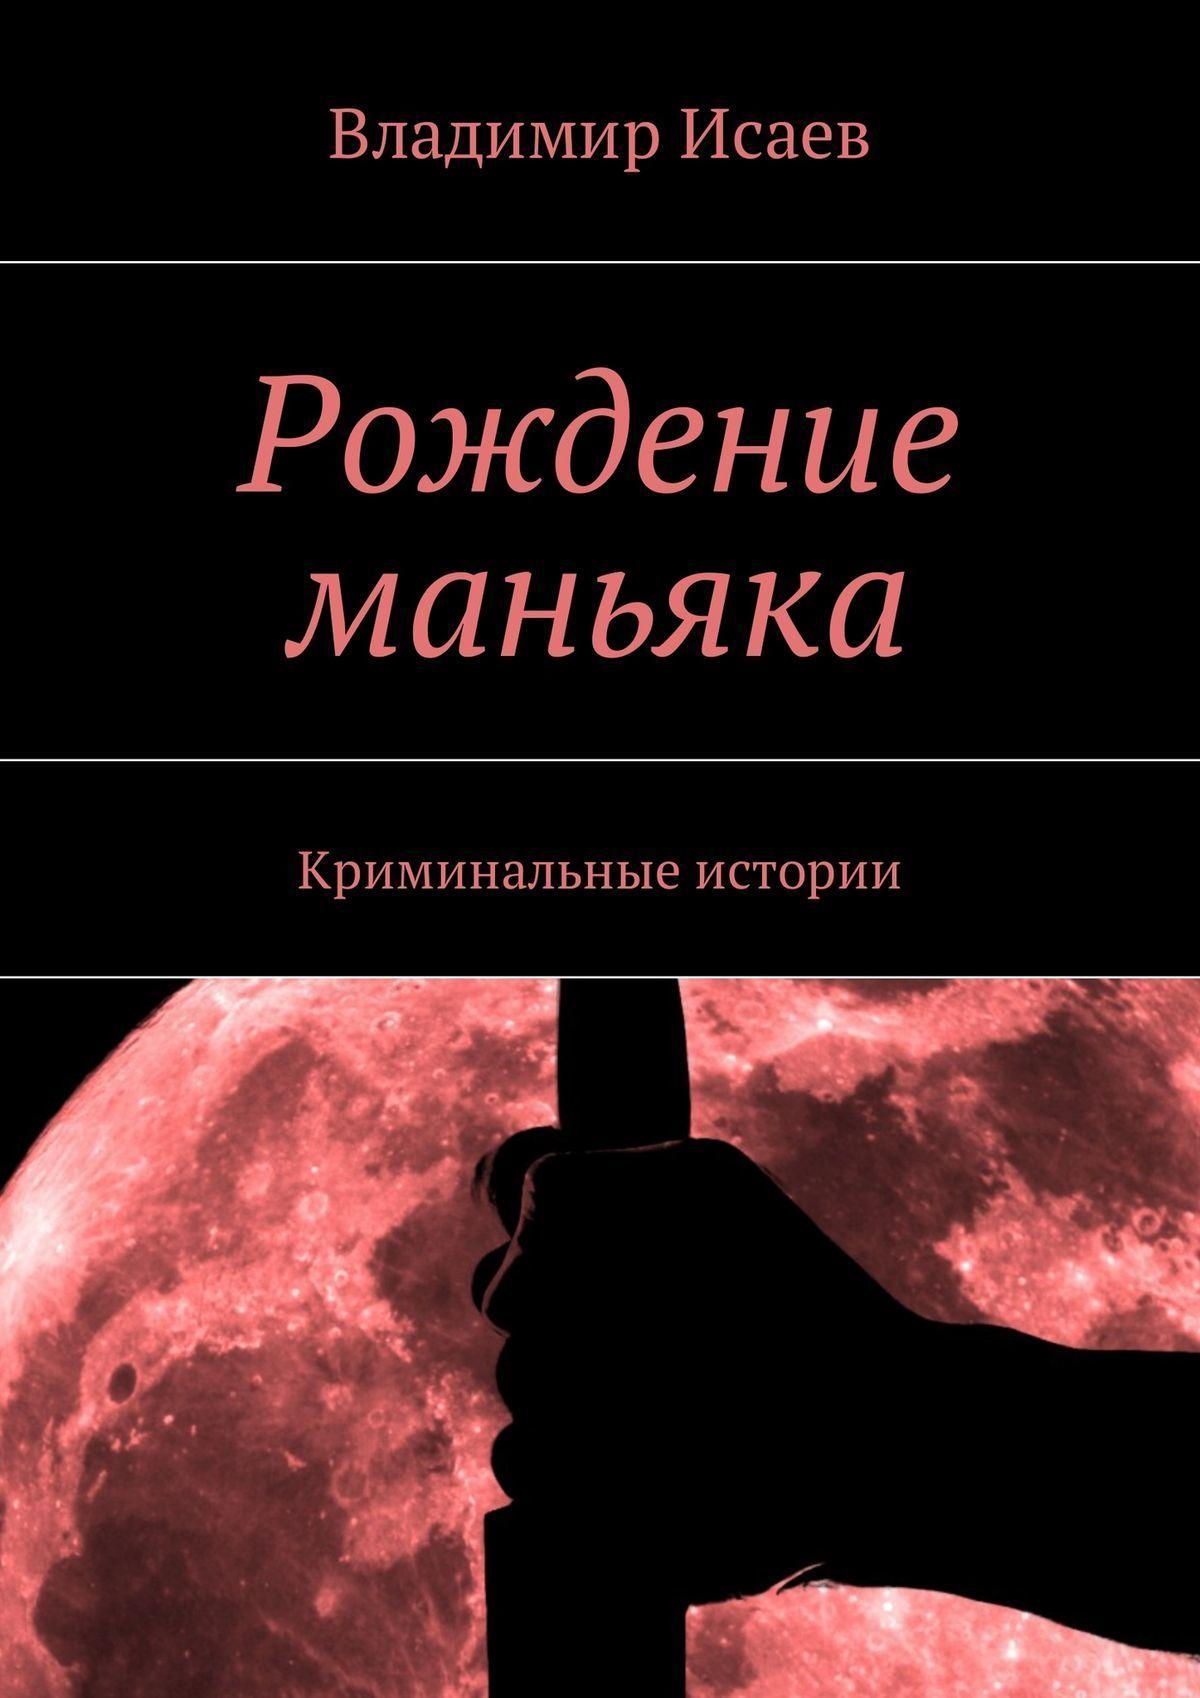 Владимир Исаев - Рождение маньяка. Криминальные истории